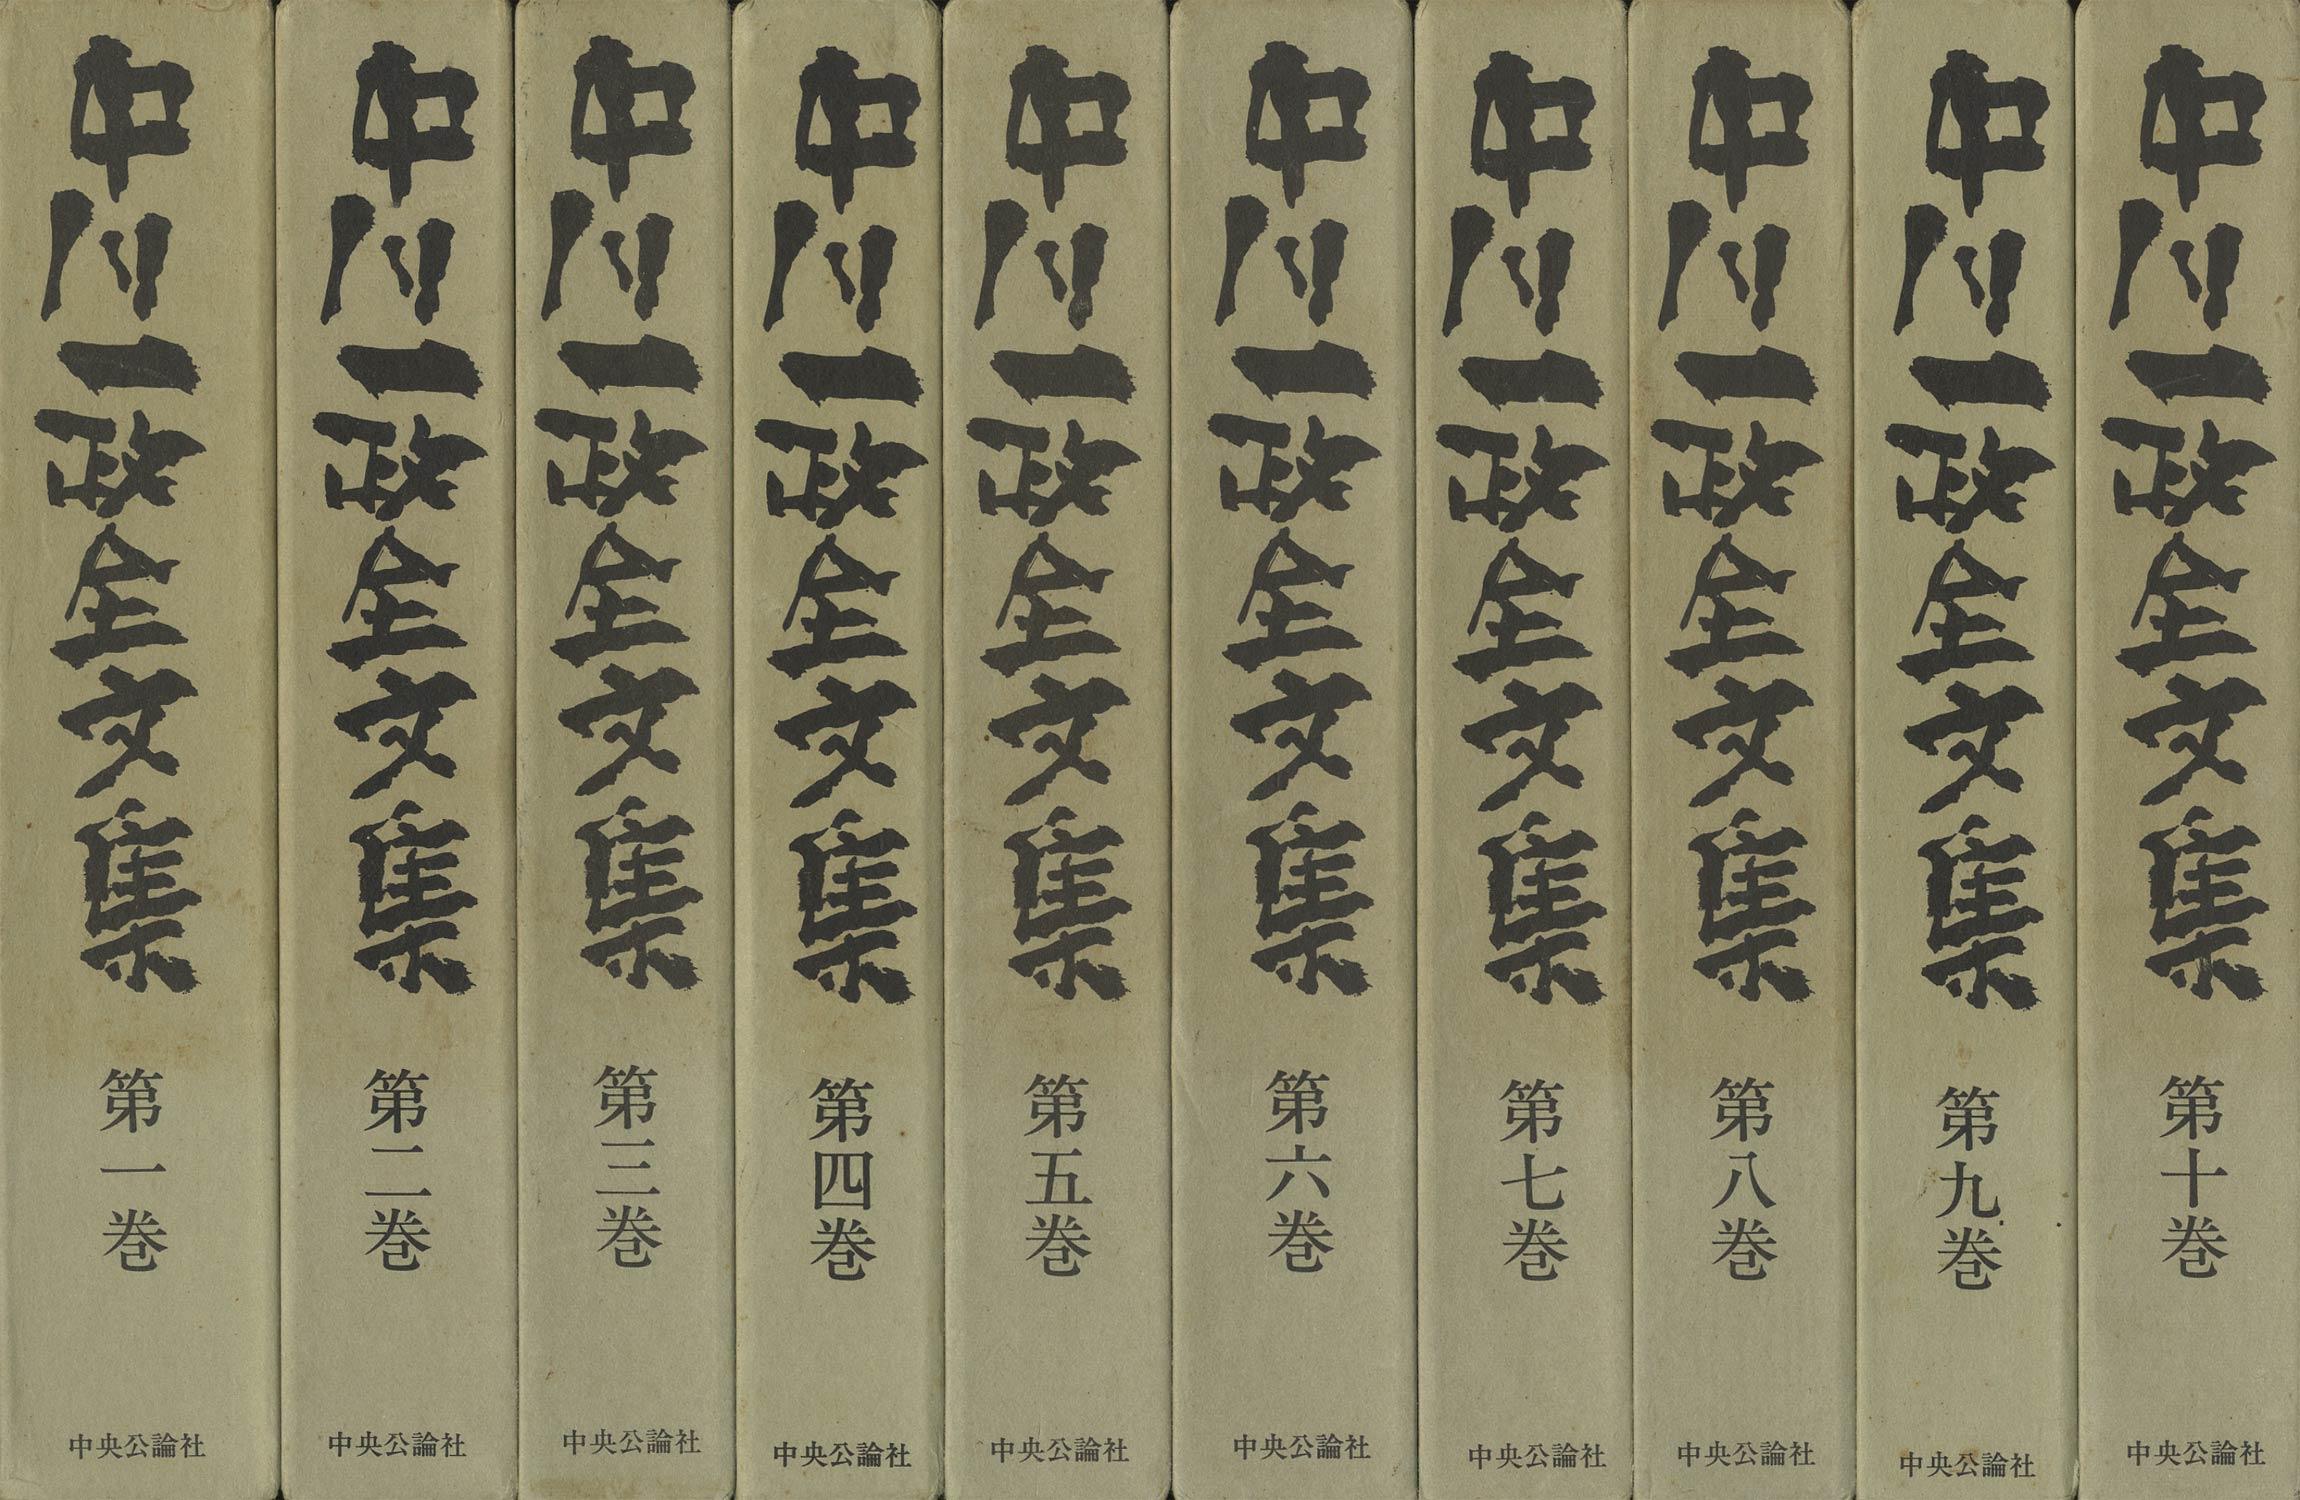 中川一政全文集 全10巻